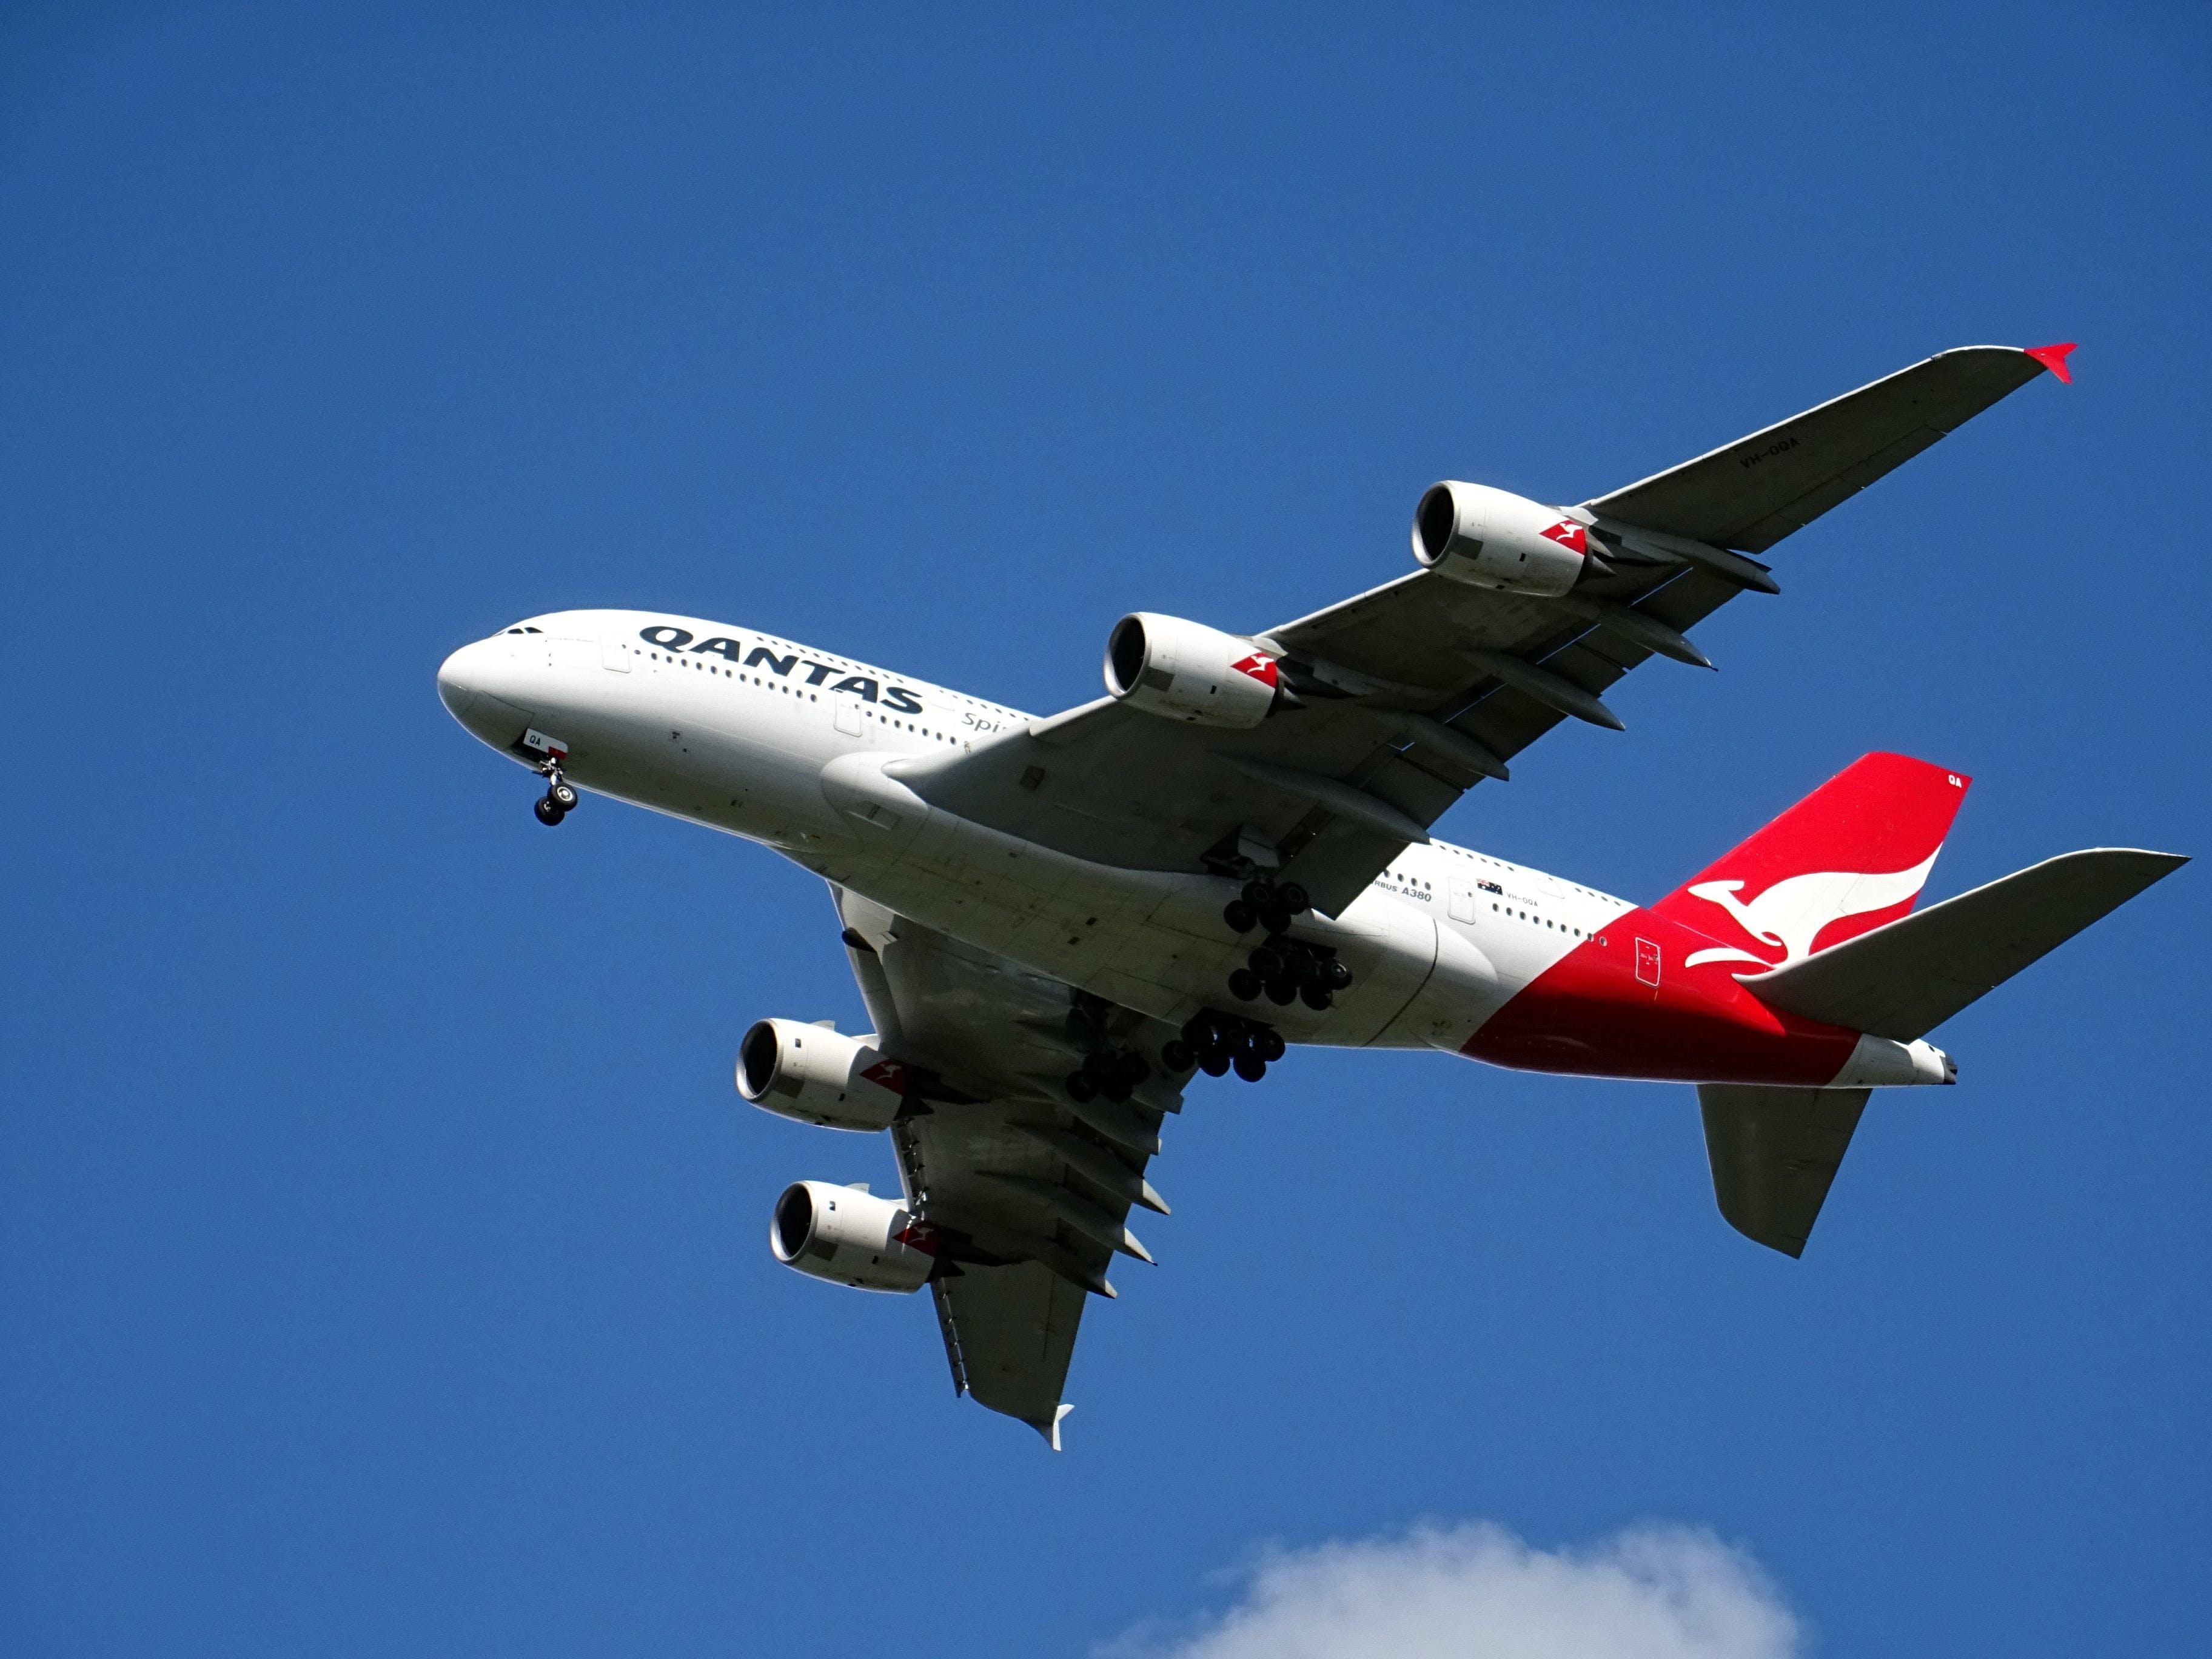 Gratis lagerfoto af fly, flyselskab, flyve, flyvemaskine